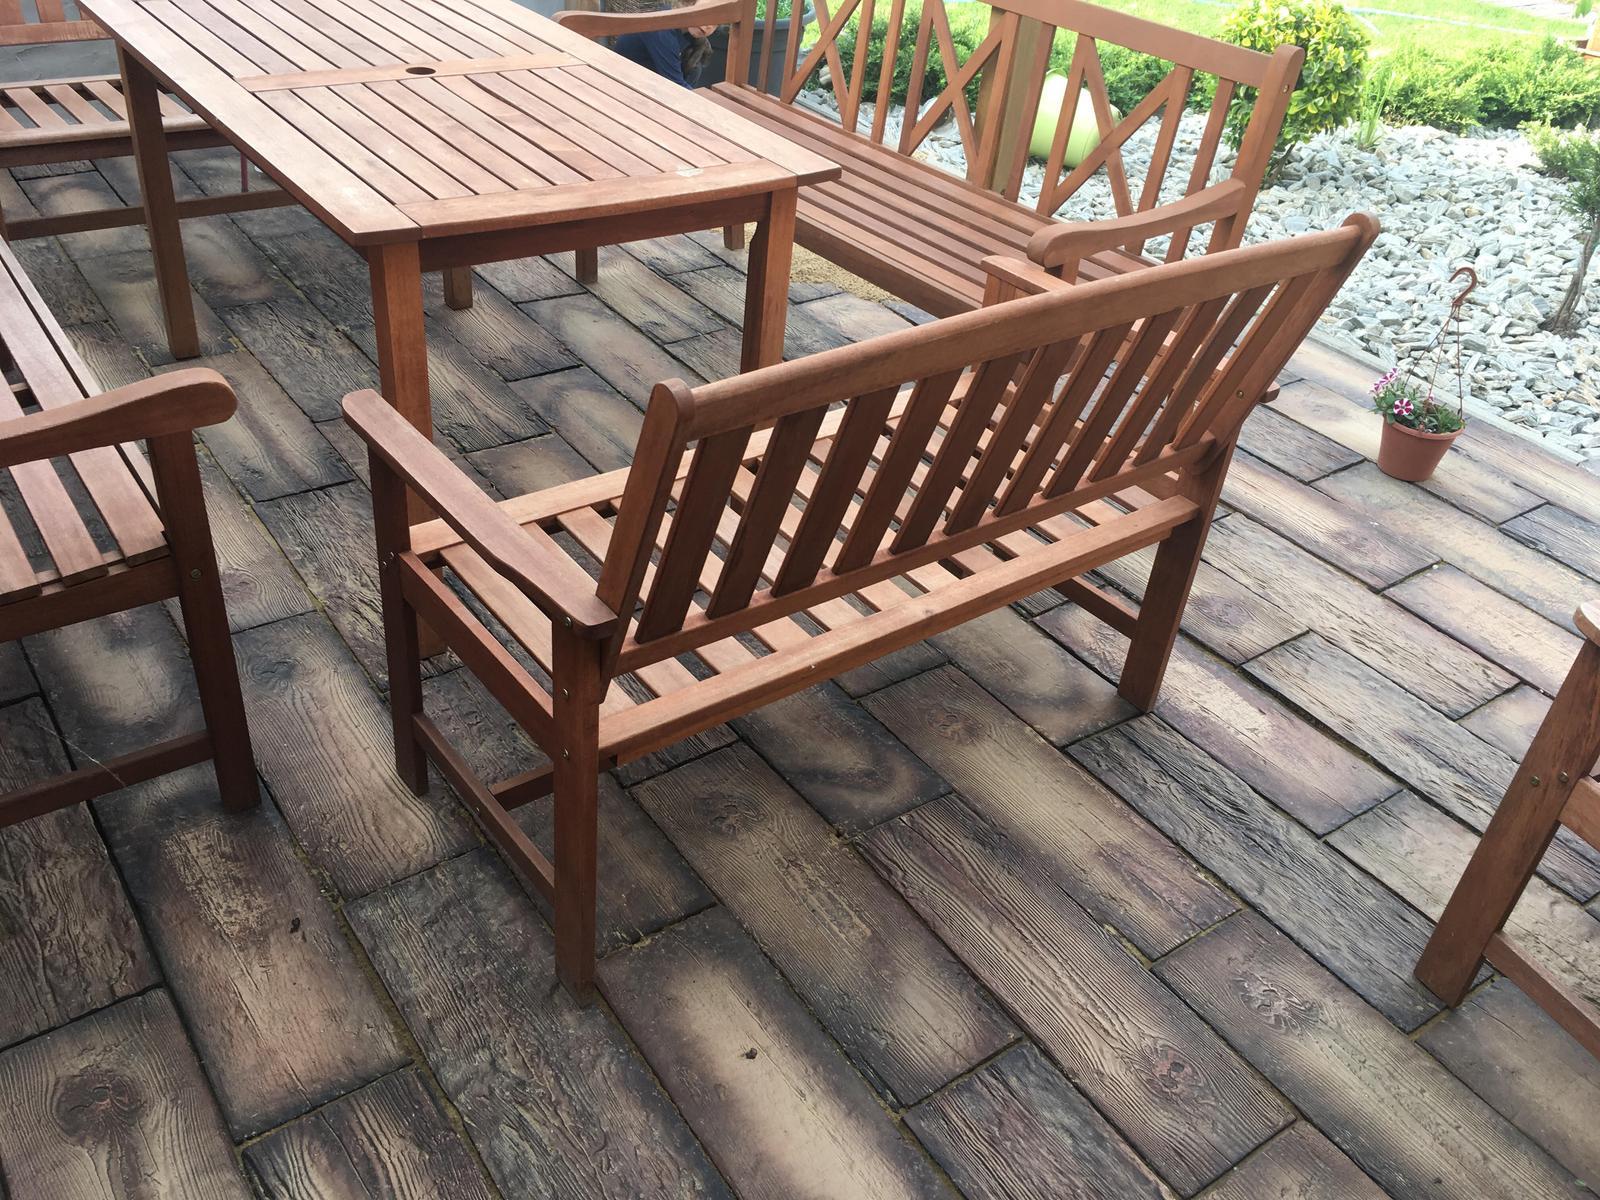 betonové drevo - drevo z betónu - Obrázok č. 2